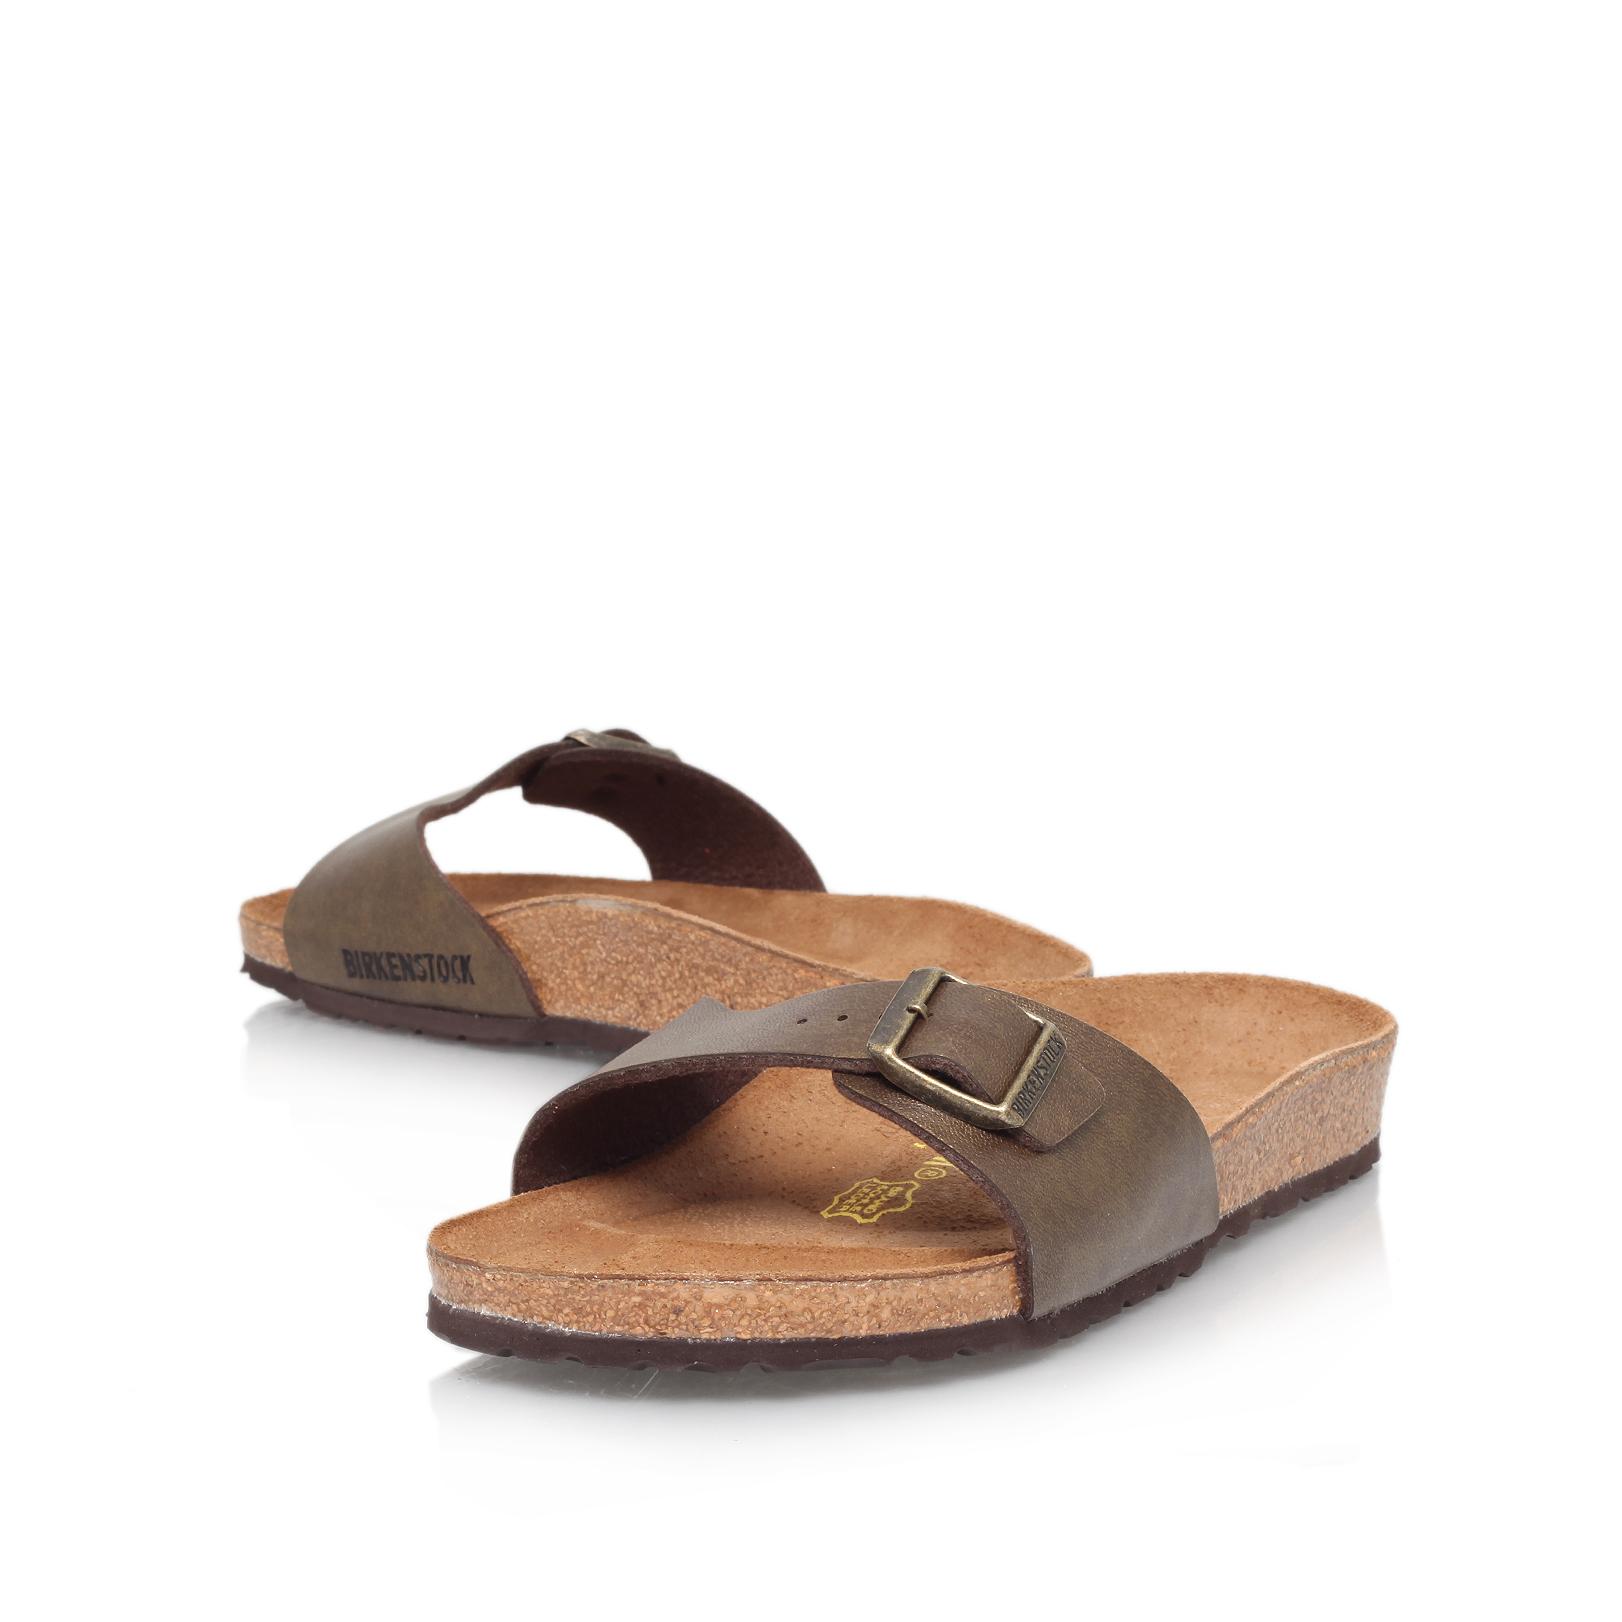 767d1cd018e Birkenstock Kairo Leather White Sandals Toe Strap Birkenstocks ...